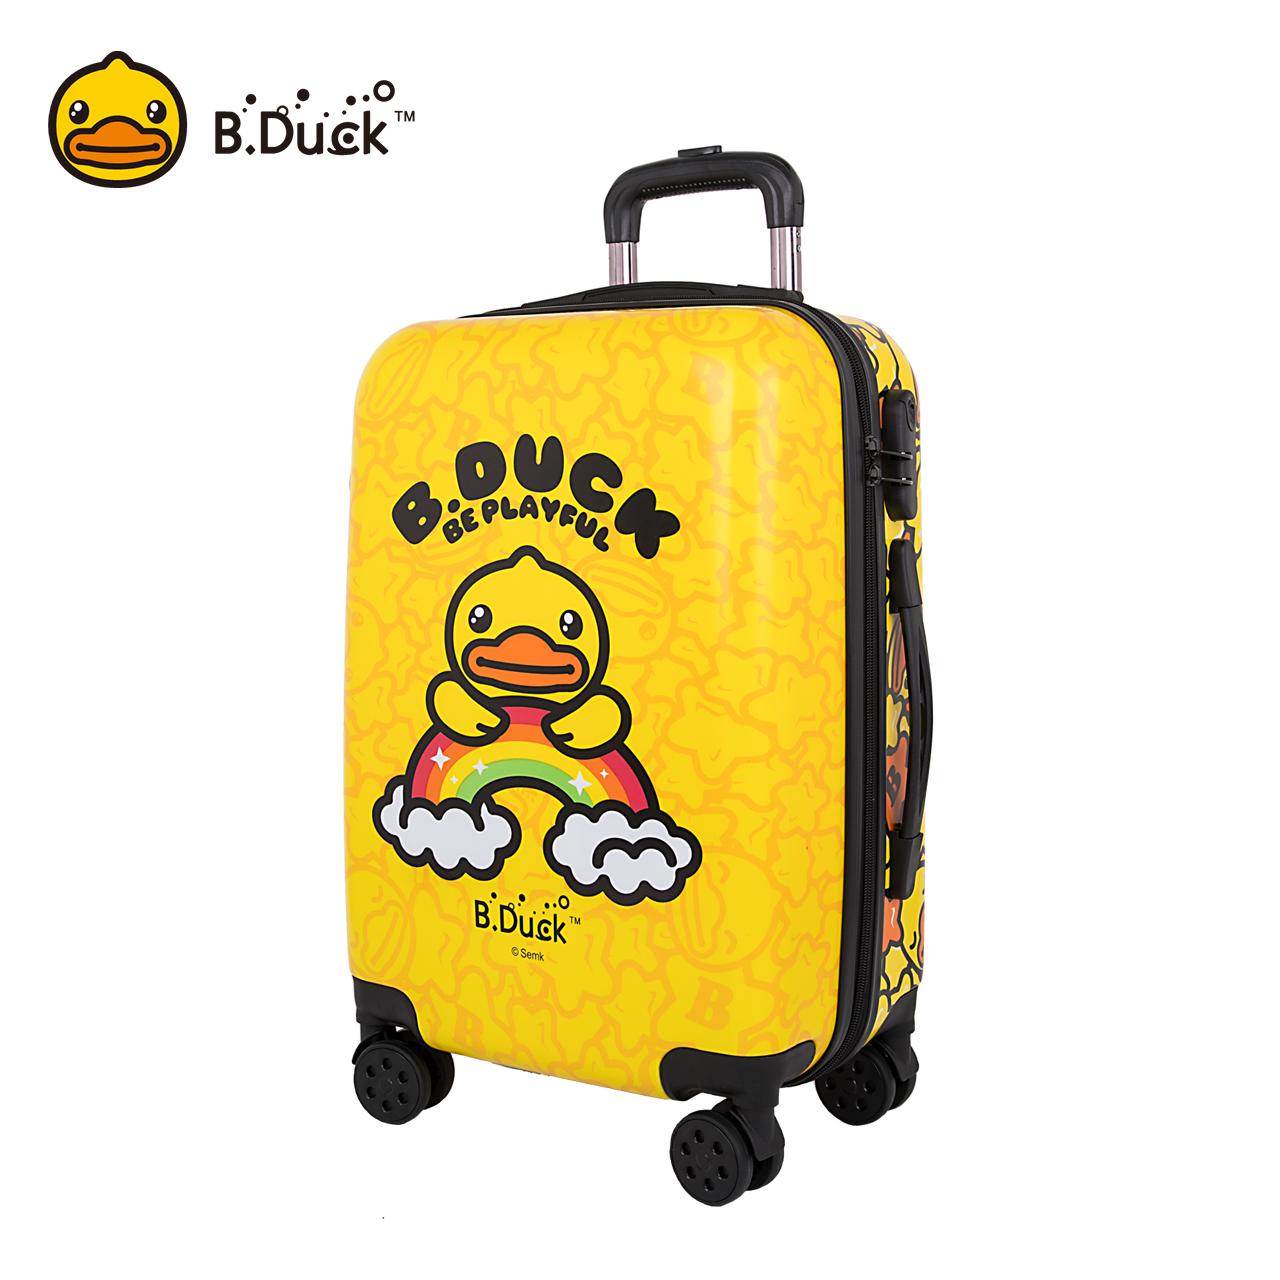 B.Duck小黄鸭拉杆箱飞机轮旅行箱20寸24寸行李箱登机箱卡通可爱